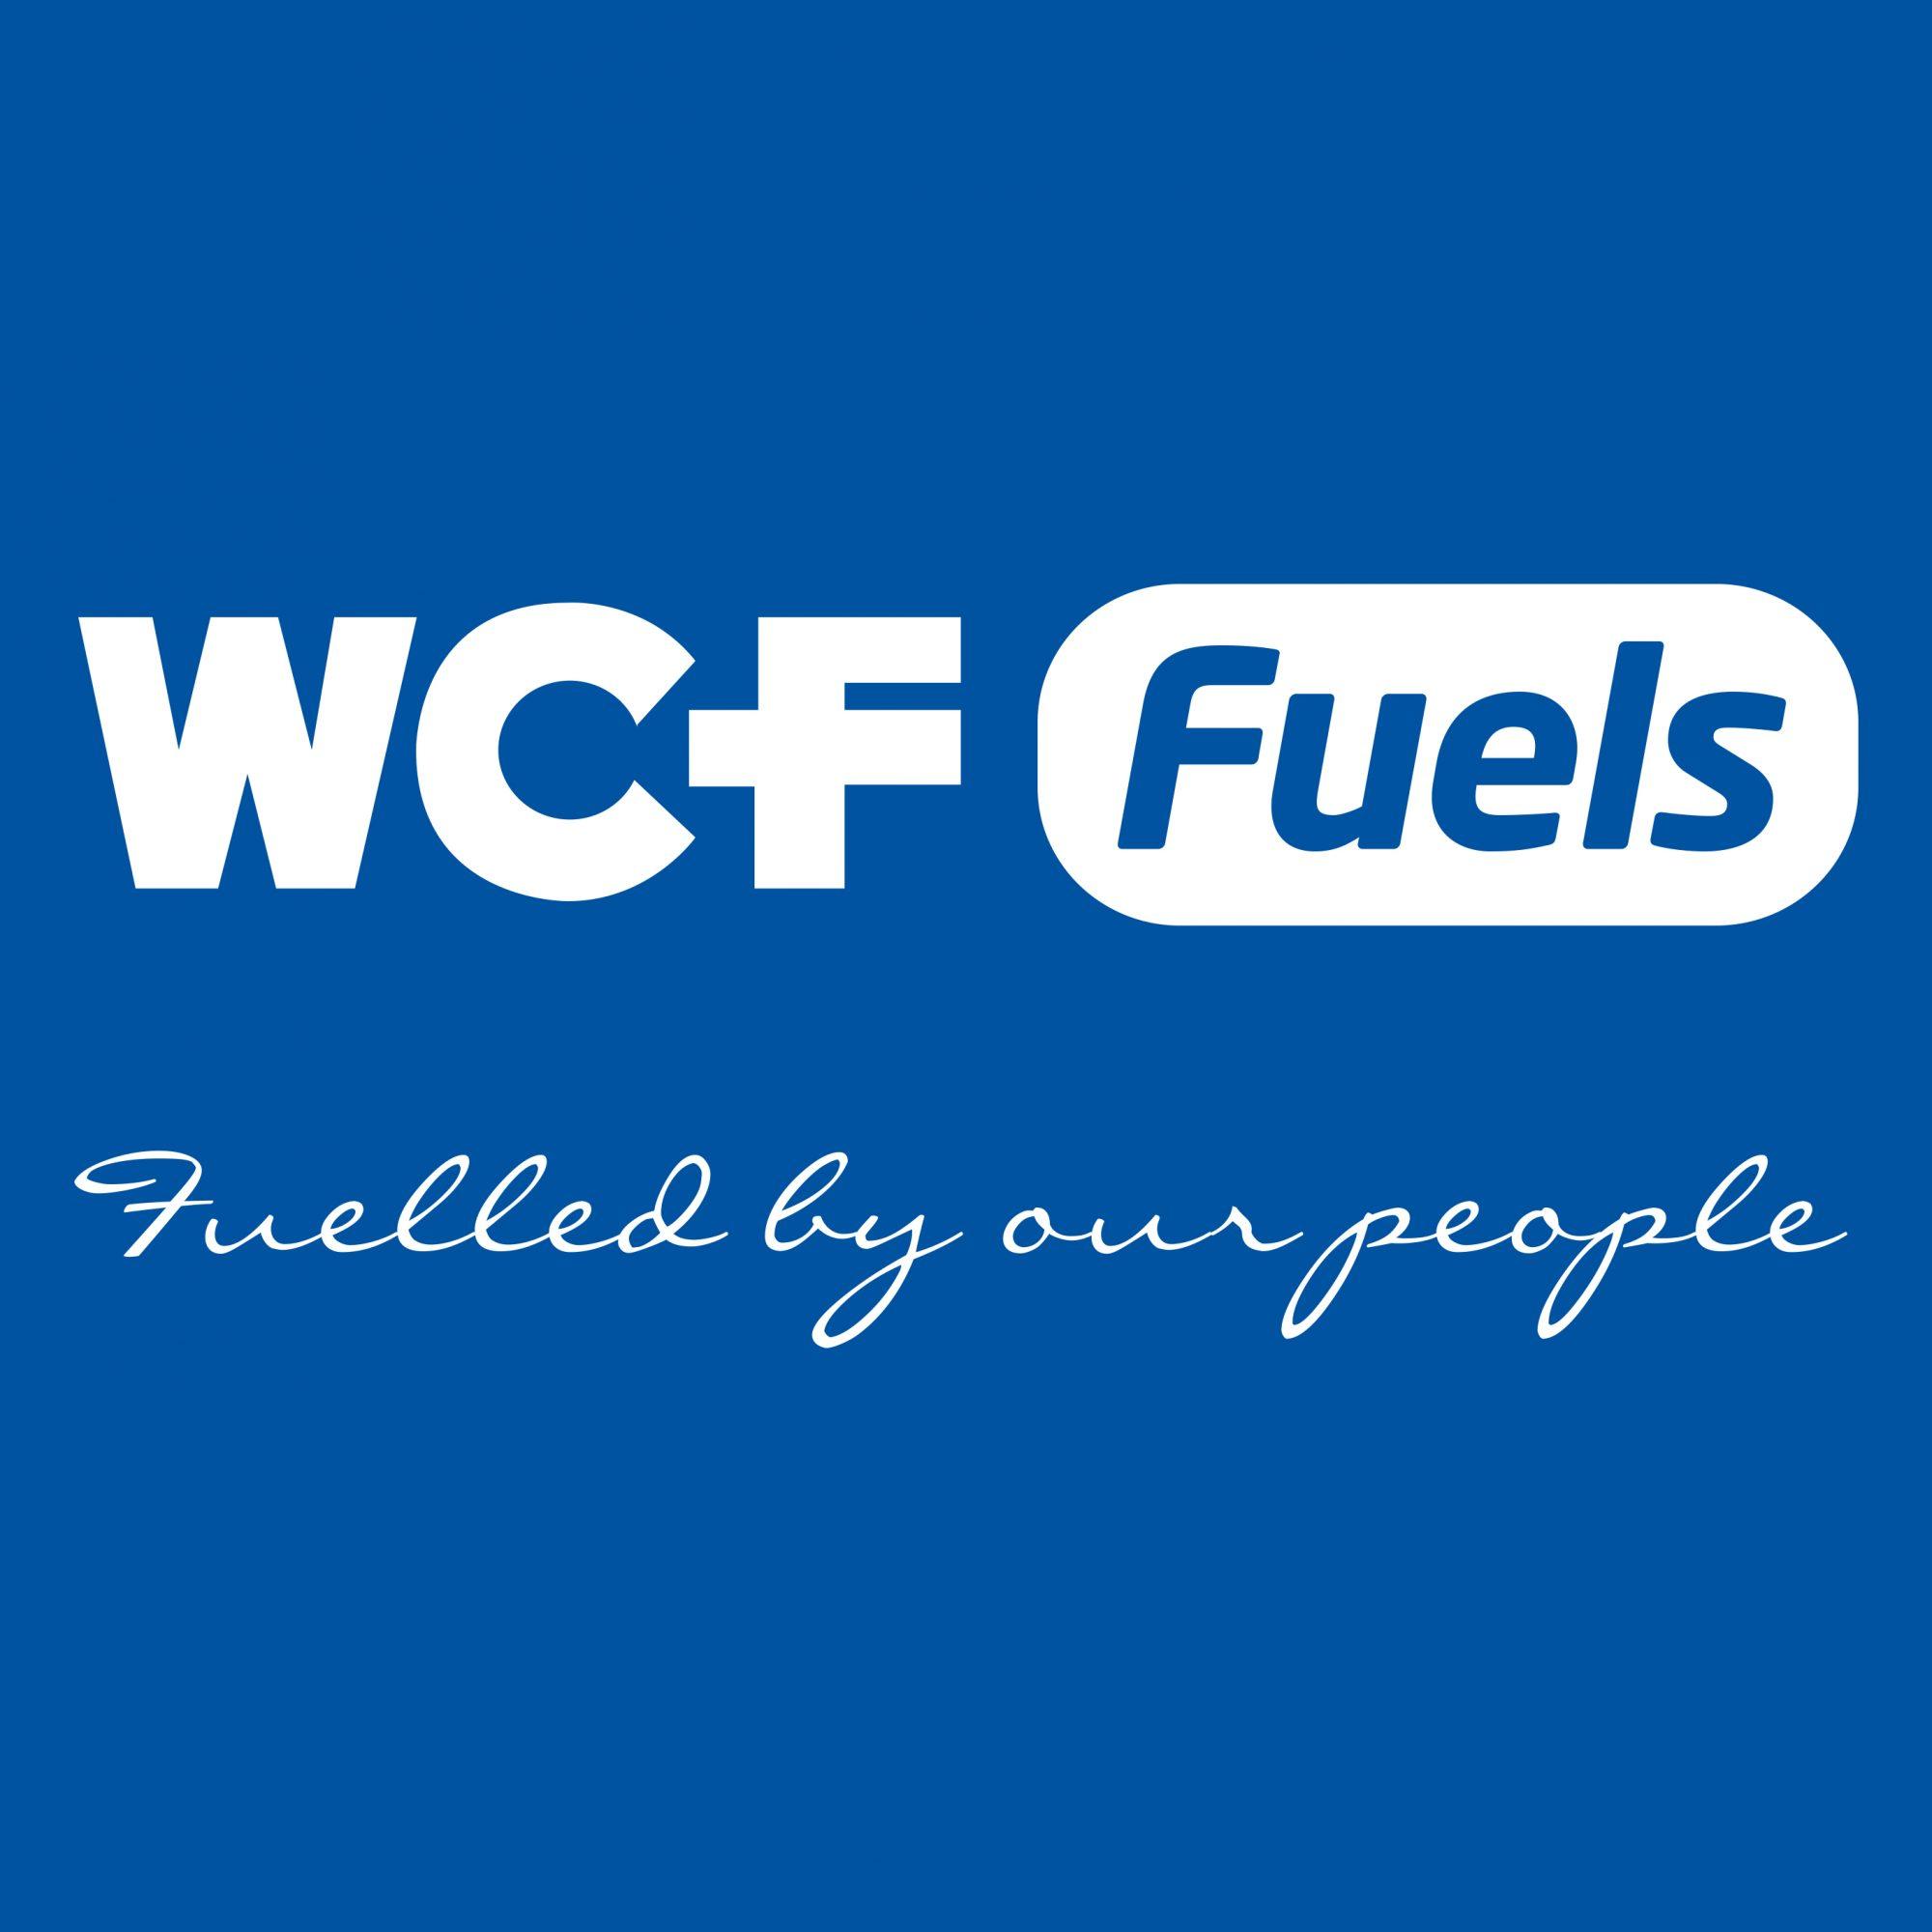 WCF_logo-e1523378353900.jpg